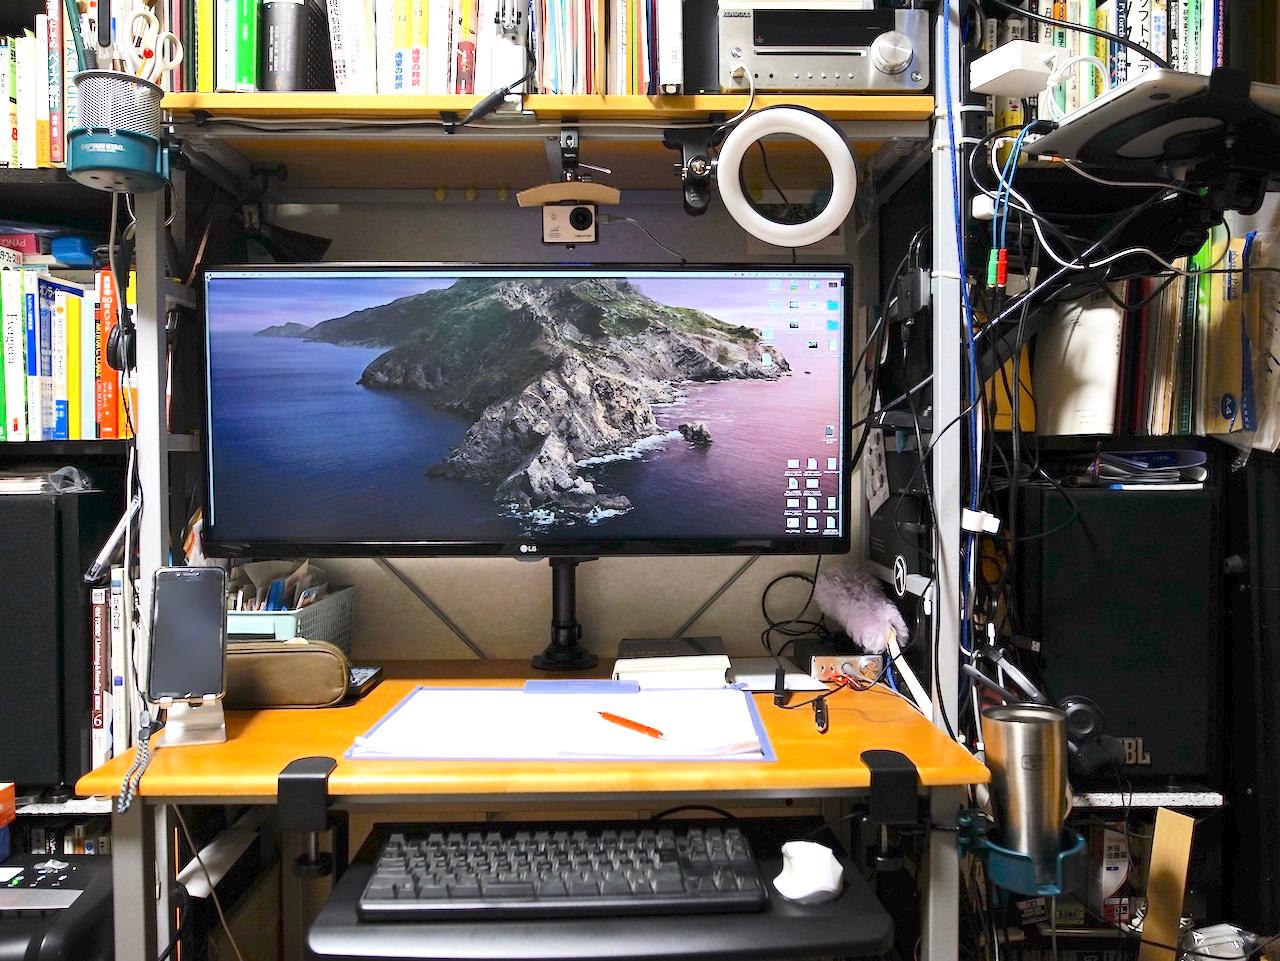 terada_desk.jpg